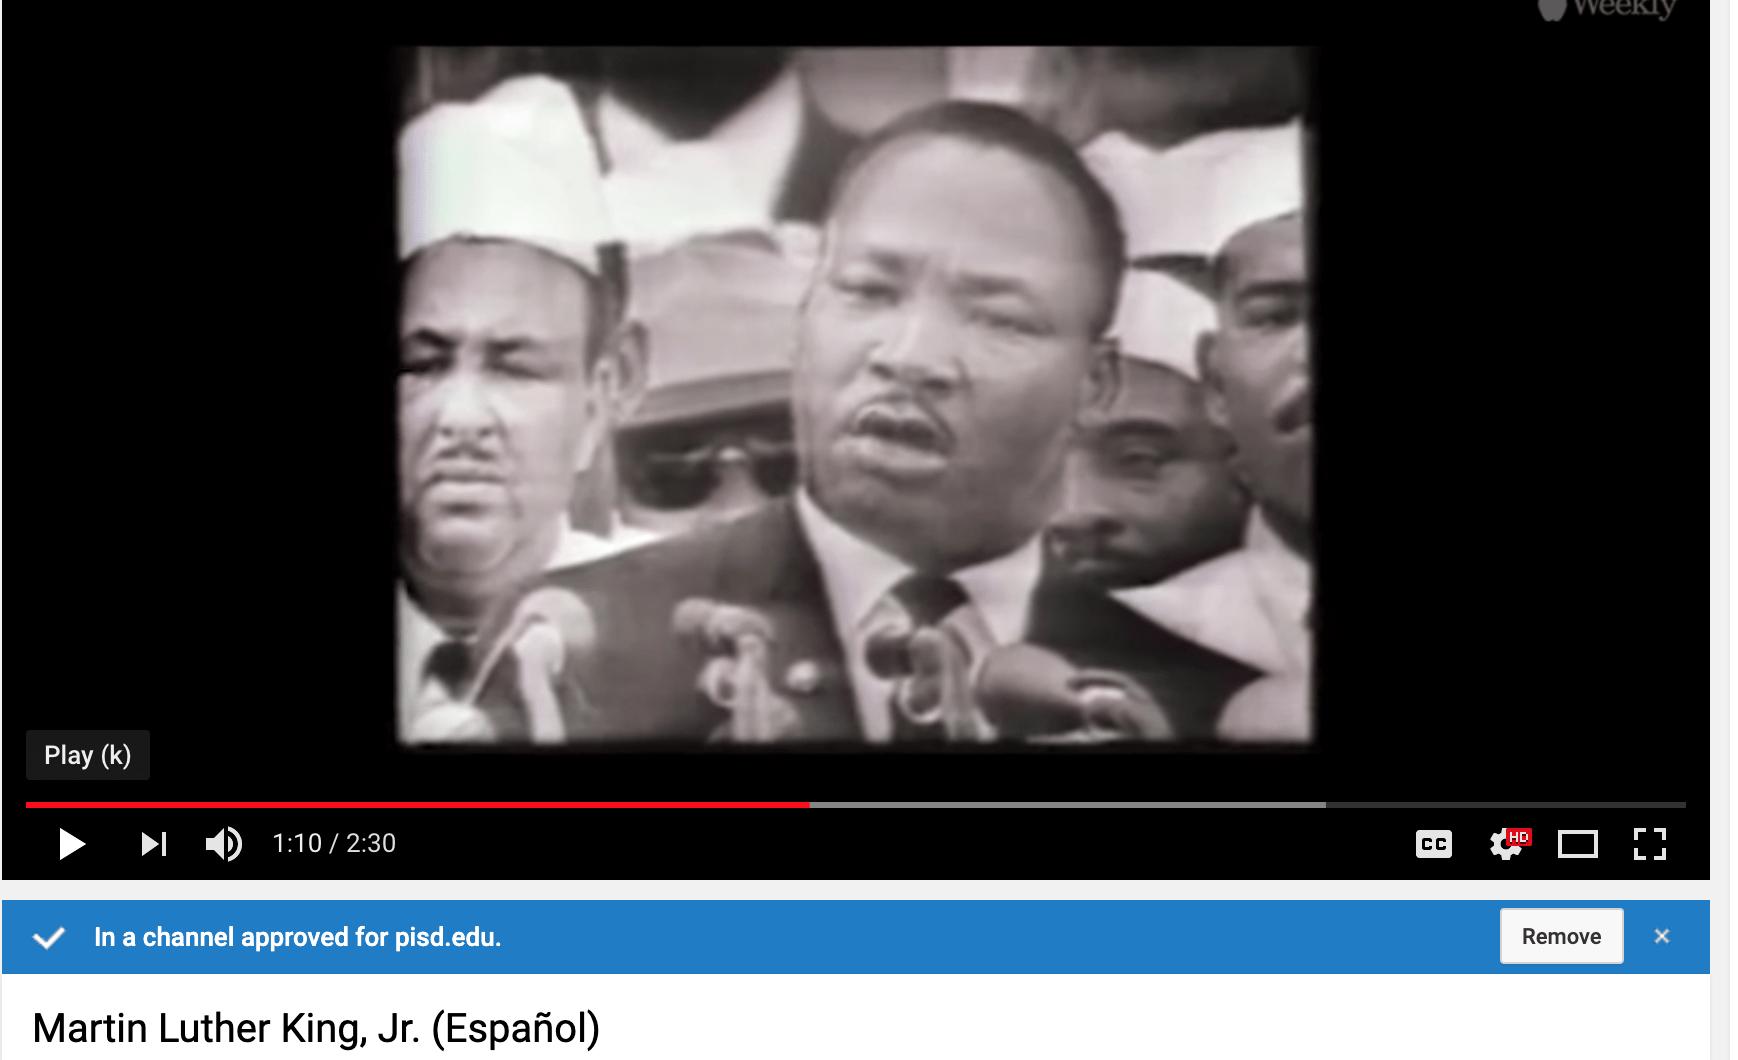 Spanish MLK Jr video